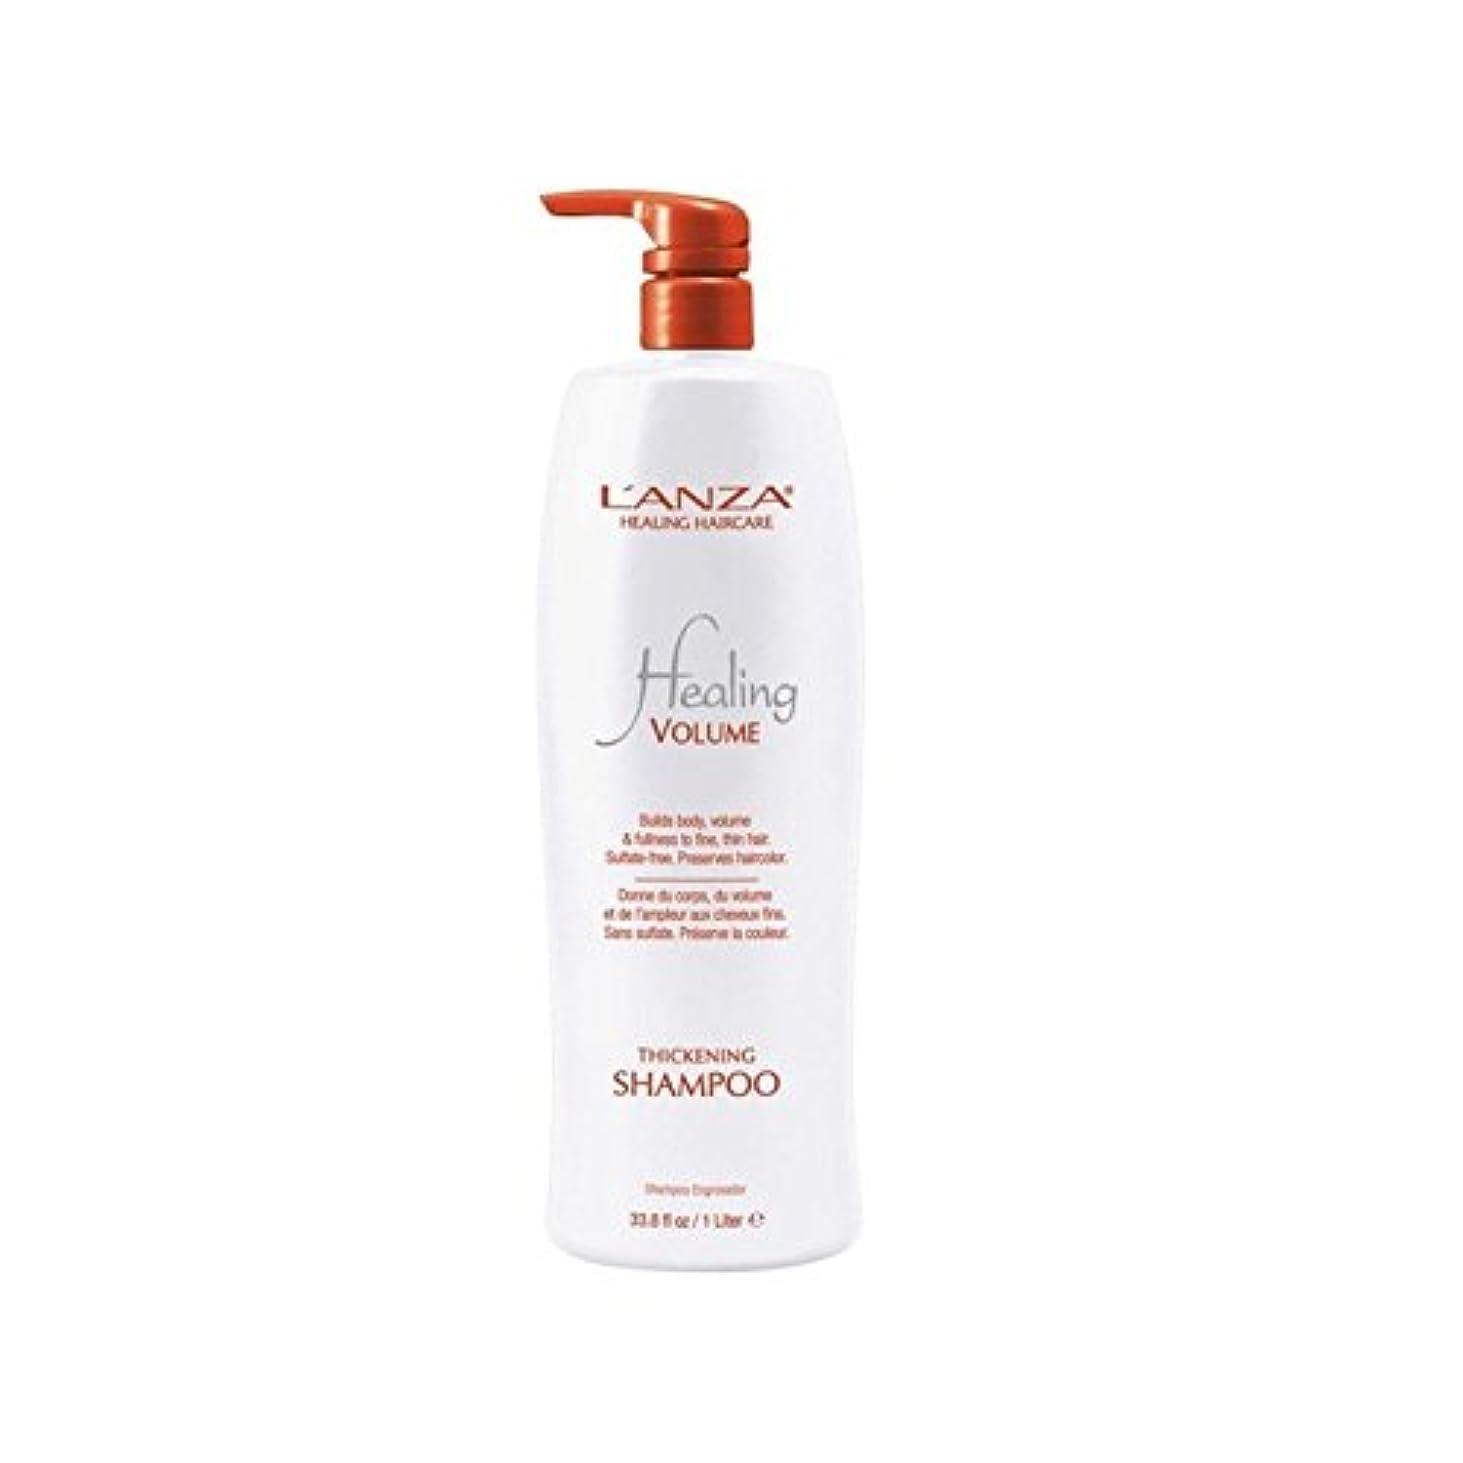 ファブリック生産性コスチュームランツァ癒しのボリューム肥厚シャンプー(千ミリリットル) x4 - Lanza Healing Volume Thickening Shampoo (1000ml) (Pack of 4) [並行輸入品]